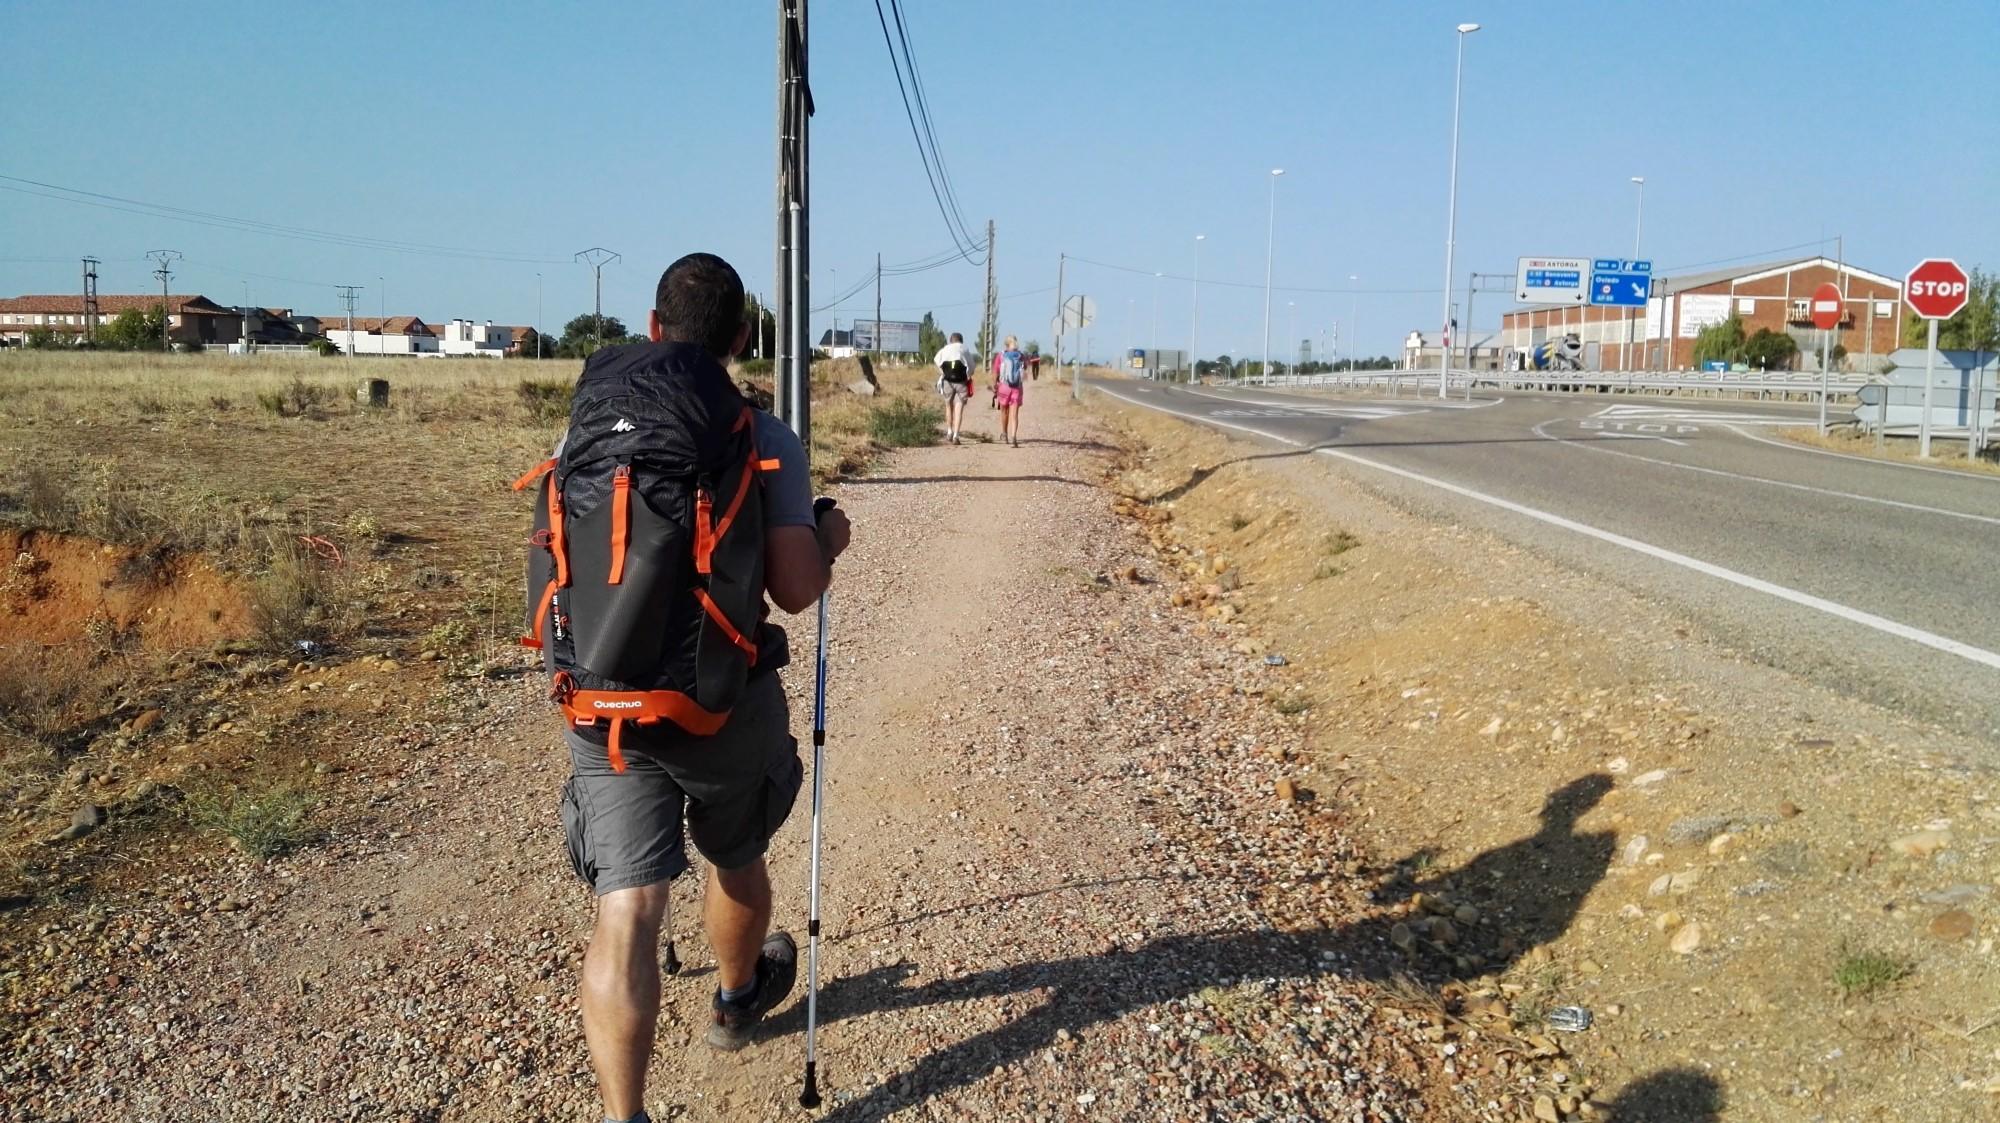 Camino de santiago etapa 4 le n san mart n del camino - San miguel del camino ...